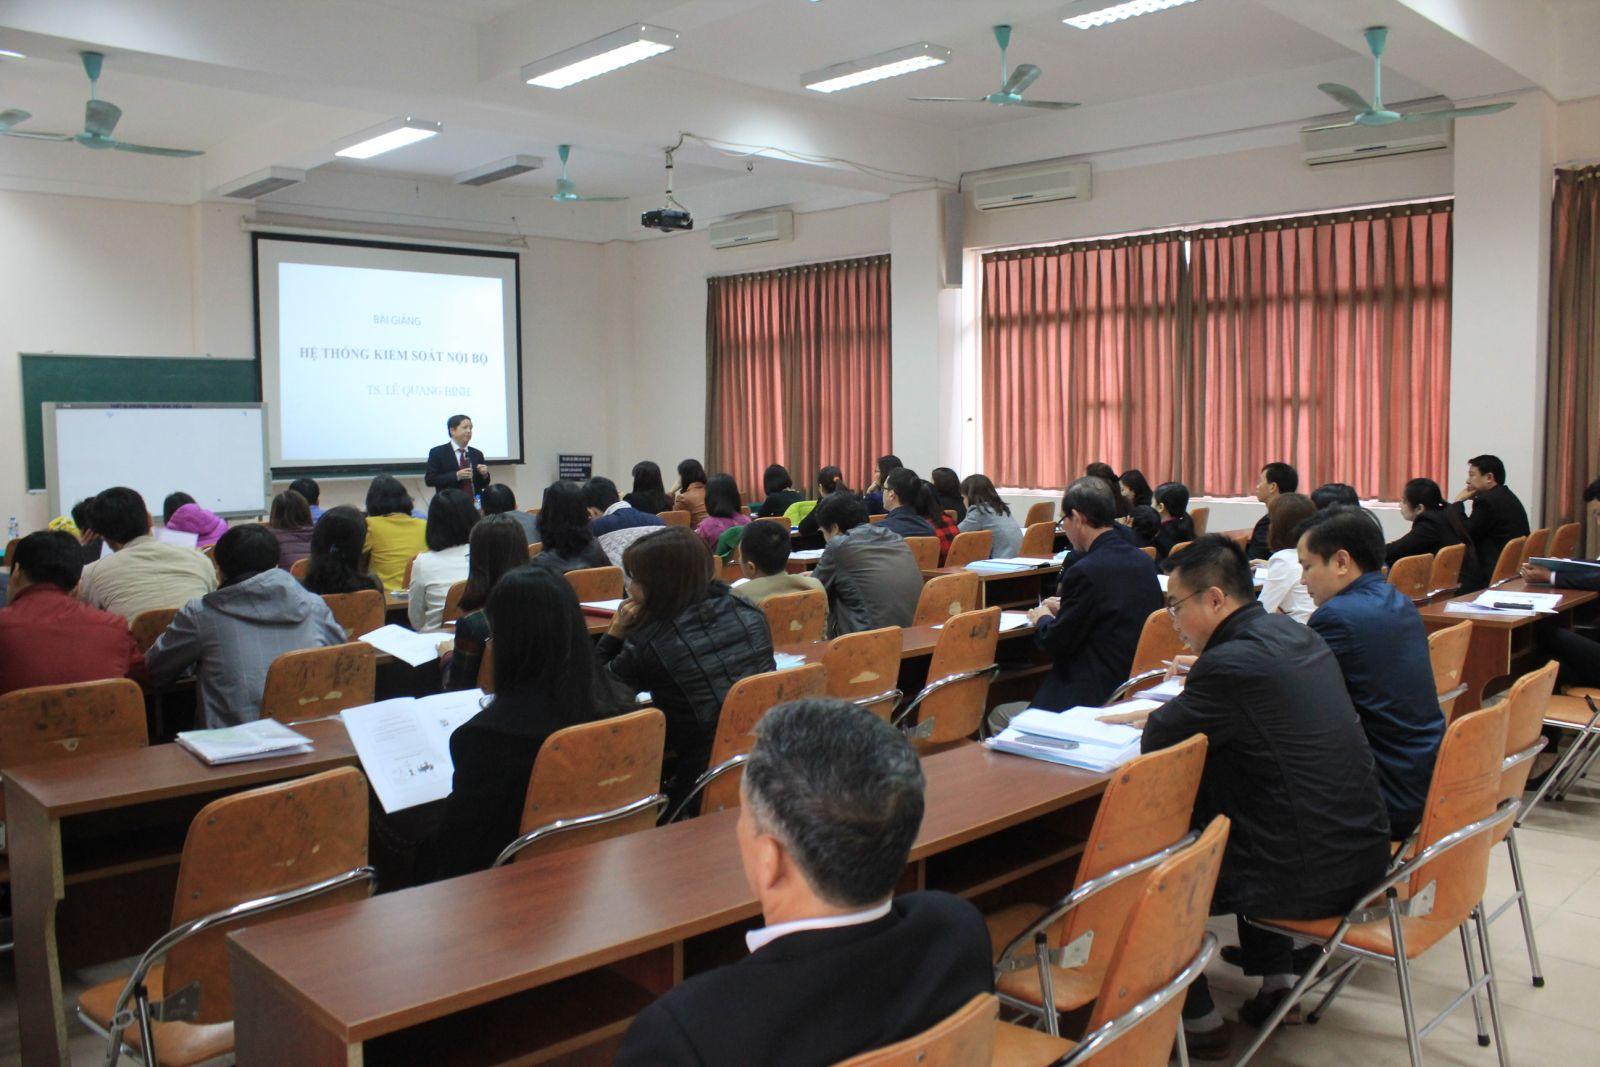 823/VWSA: Tiếp tục các chương trình đào tạo nâng cao chất lượng nguồn nhân lực